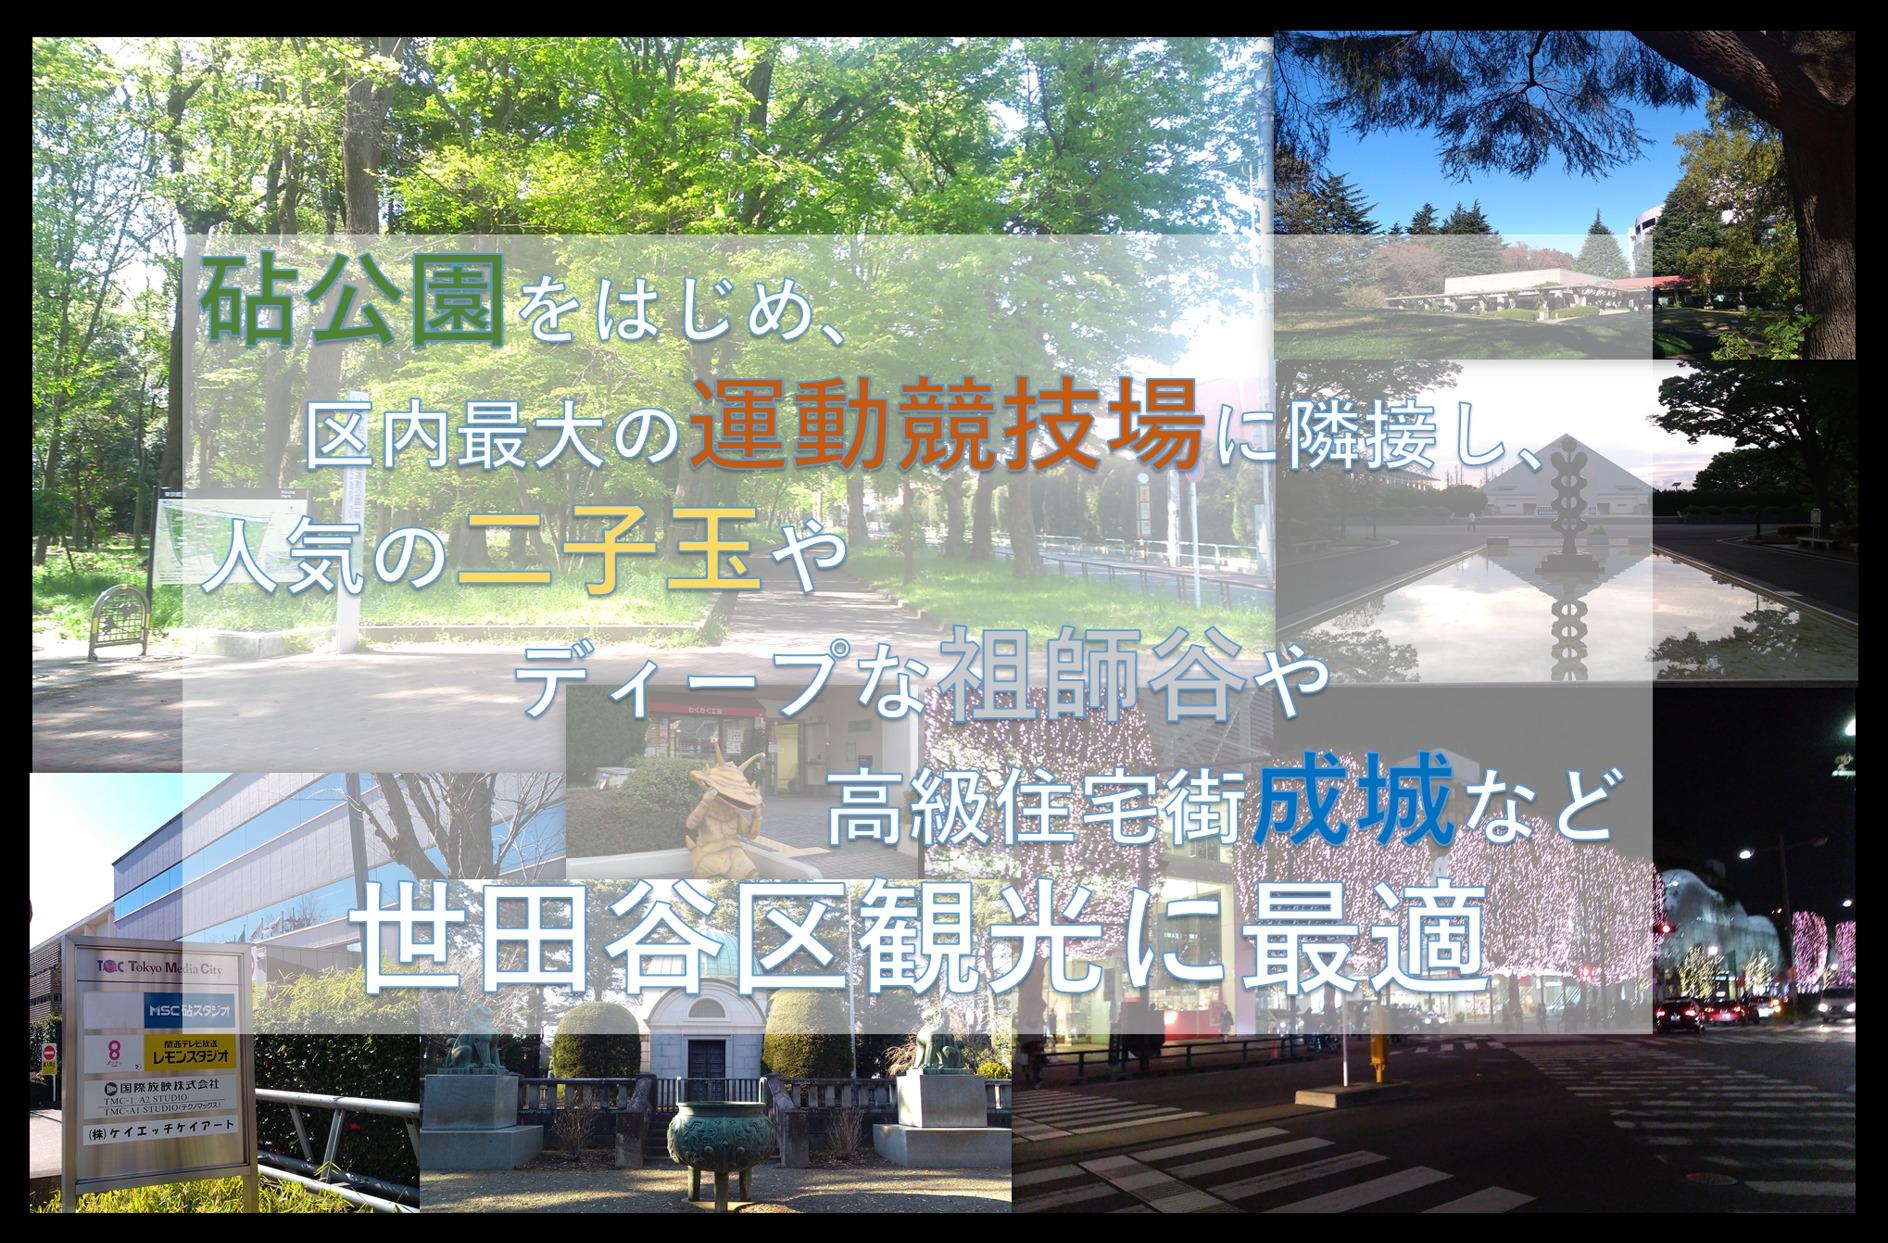 砧公園・成育医療センター・大蔵総合運動場至近。家主同居型の安心・斬新民泊施設